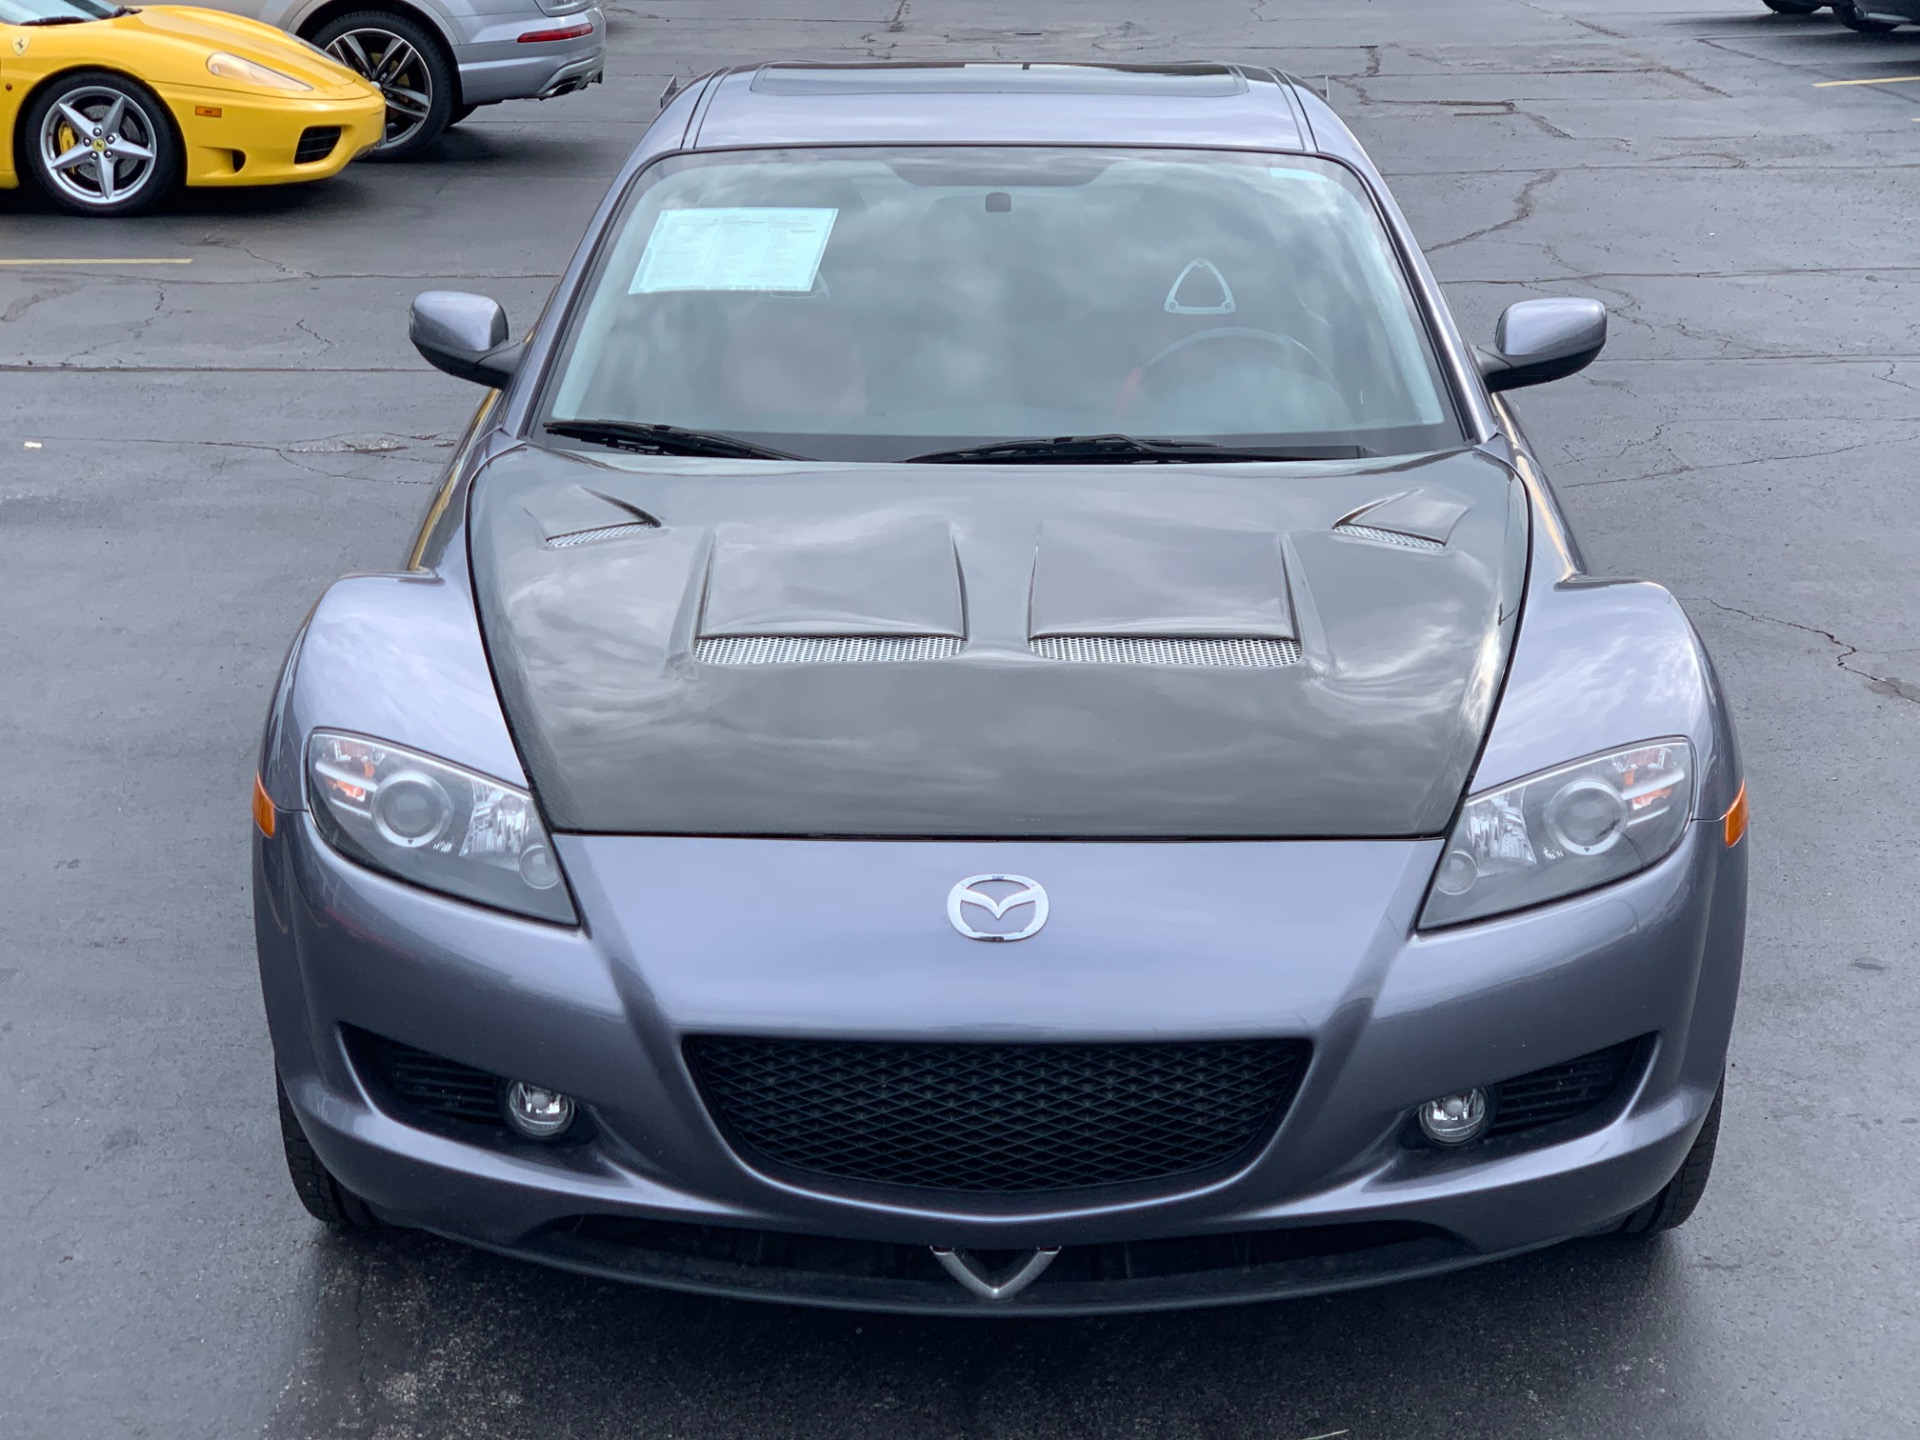 Used-2004-Mazda-RX-8